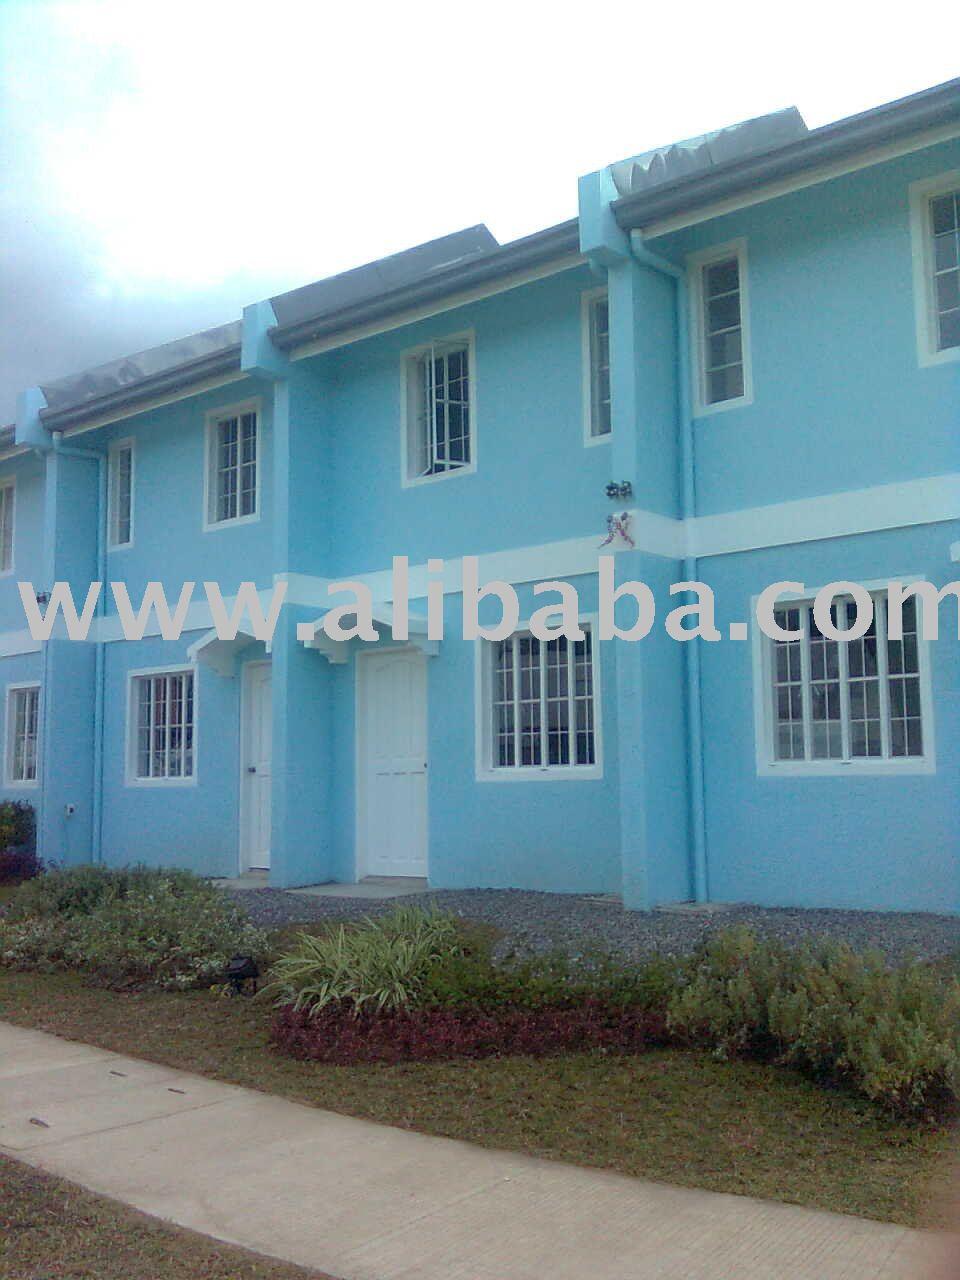 Rent to-own units @ Camella Iloilo